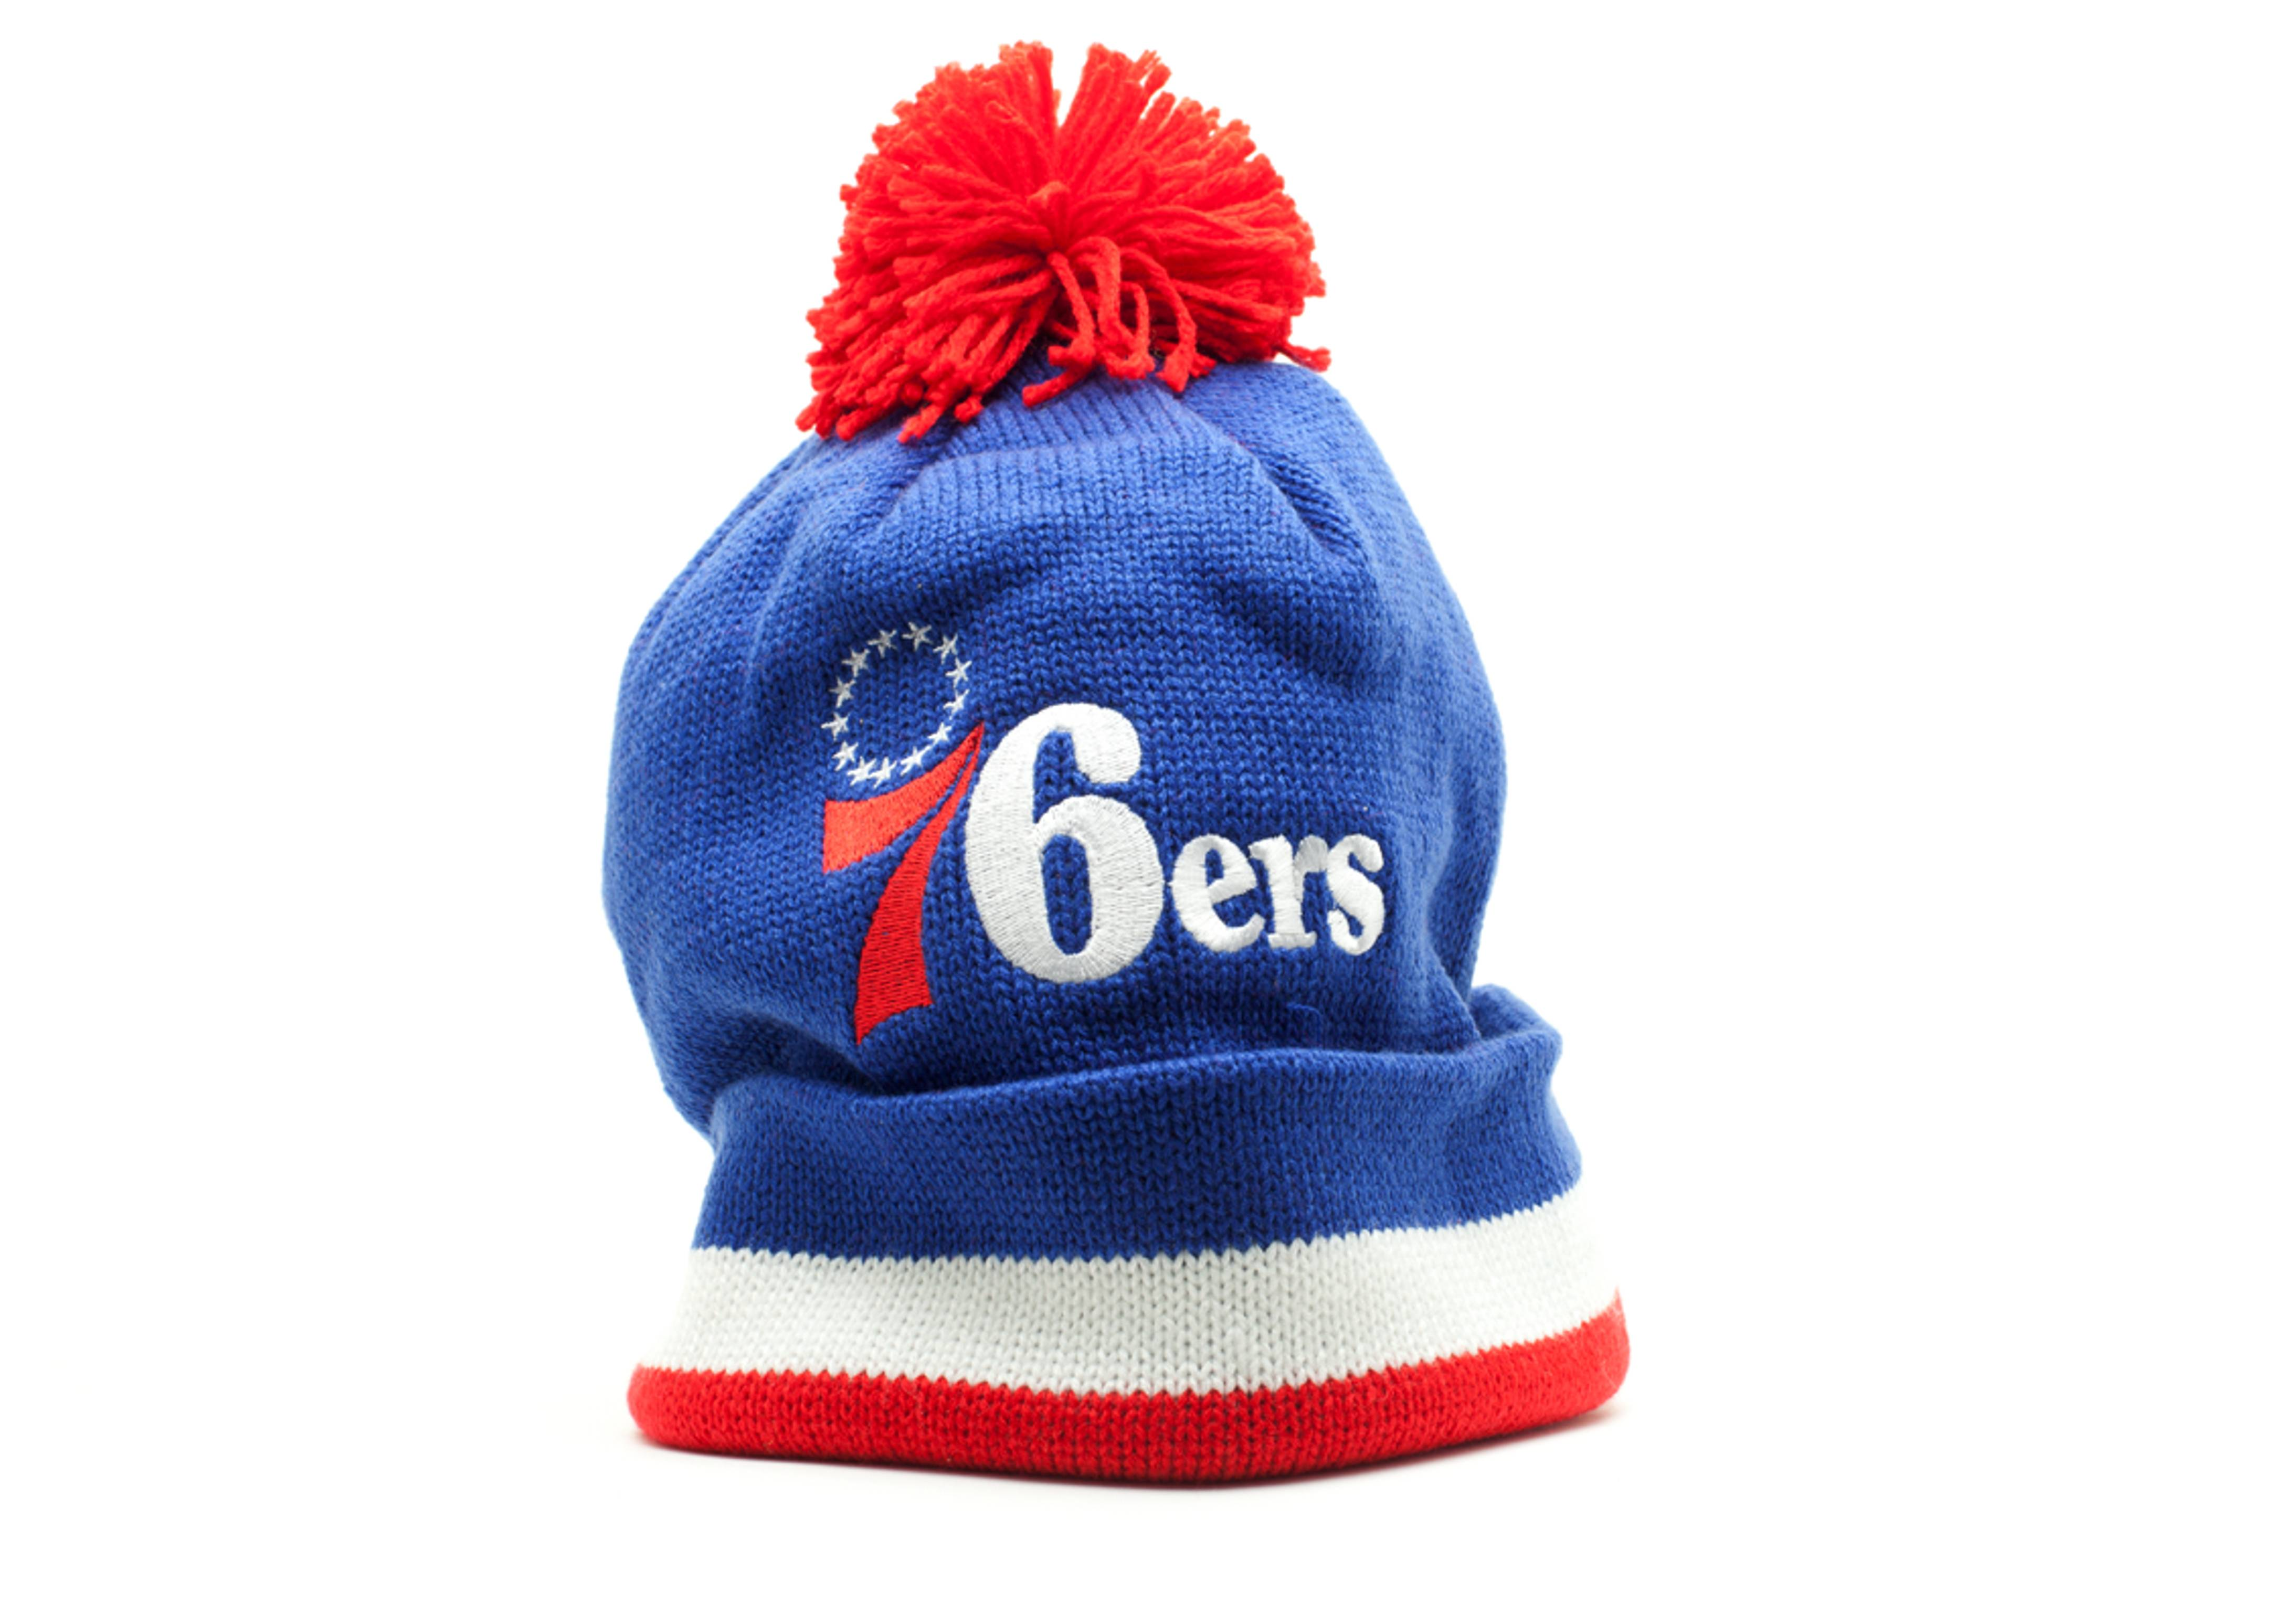 465ce09b8 Philadelphia 76ers Cuffed Pom Knit Beanie - Mitchell & Ness ...